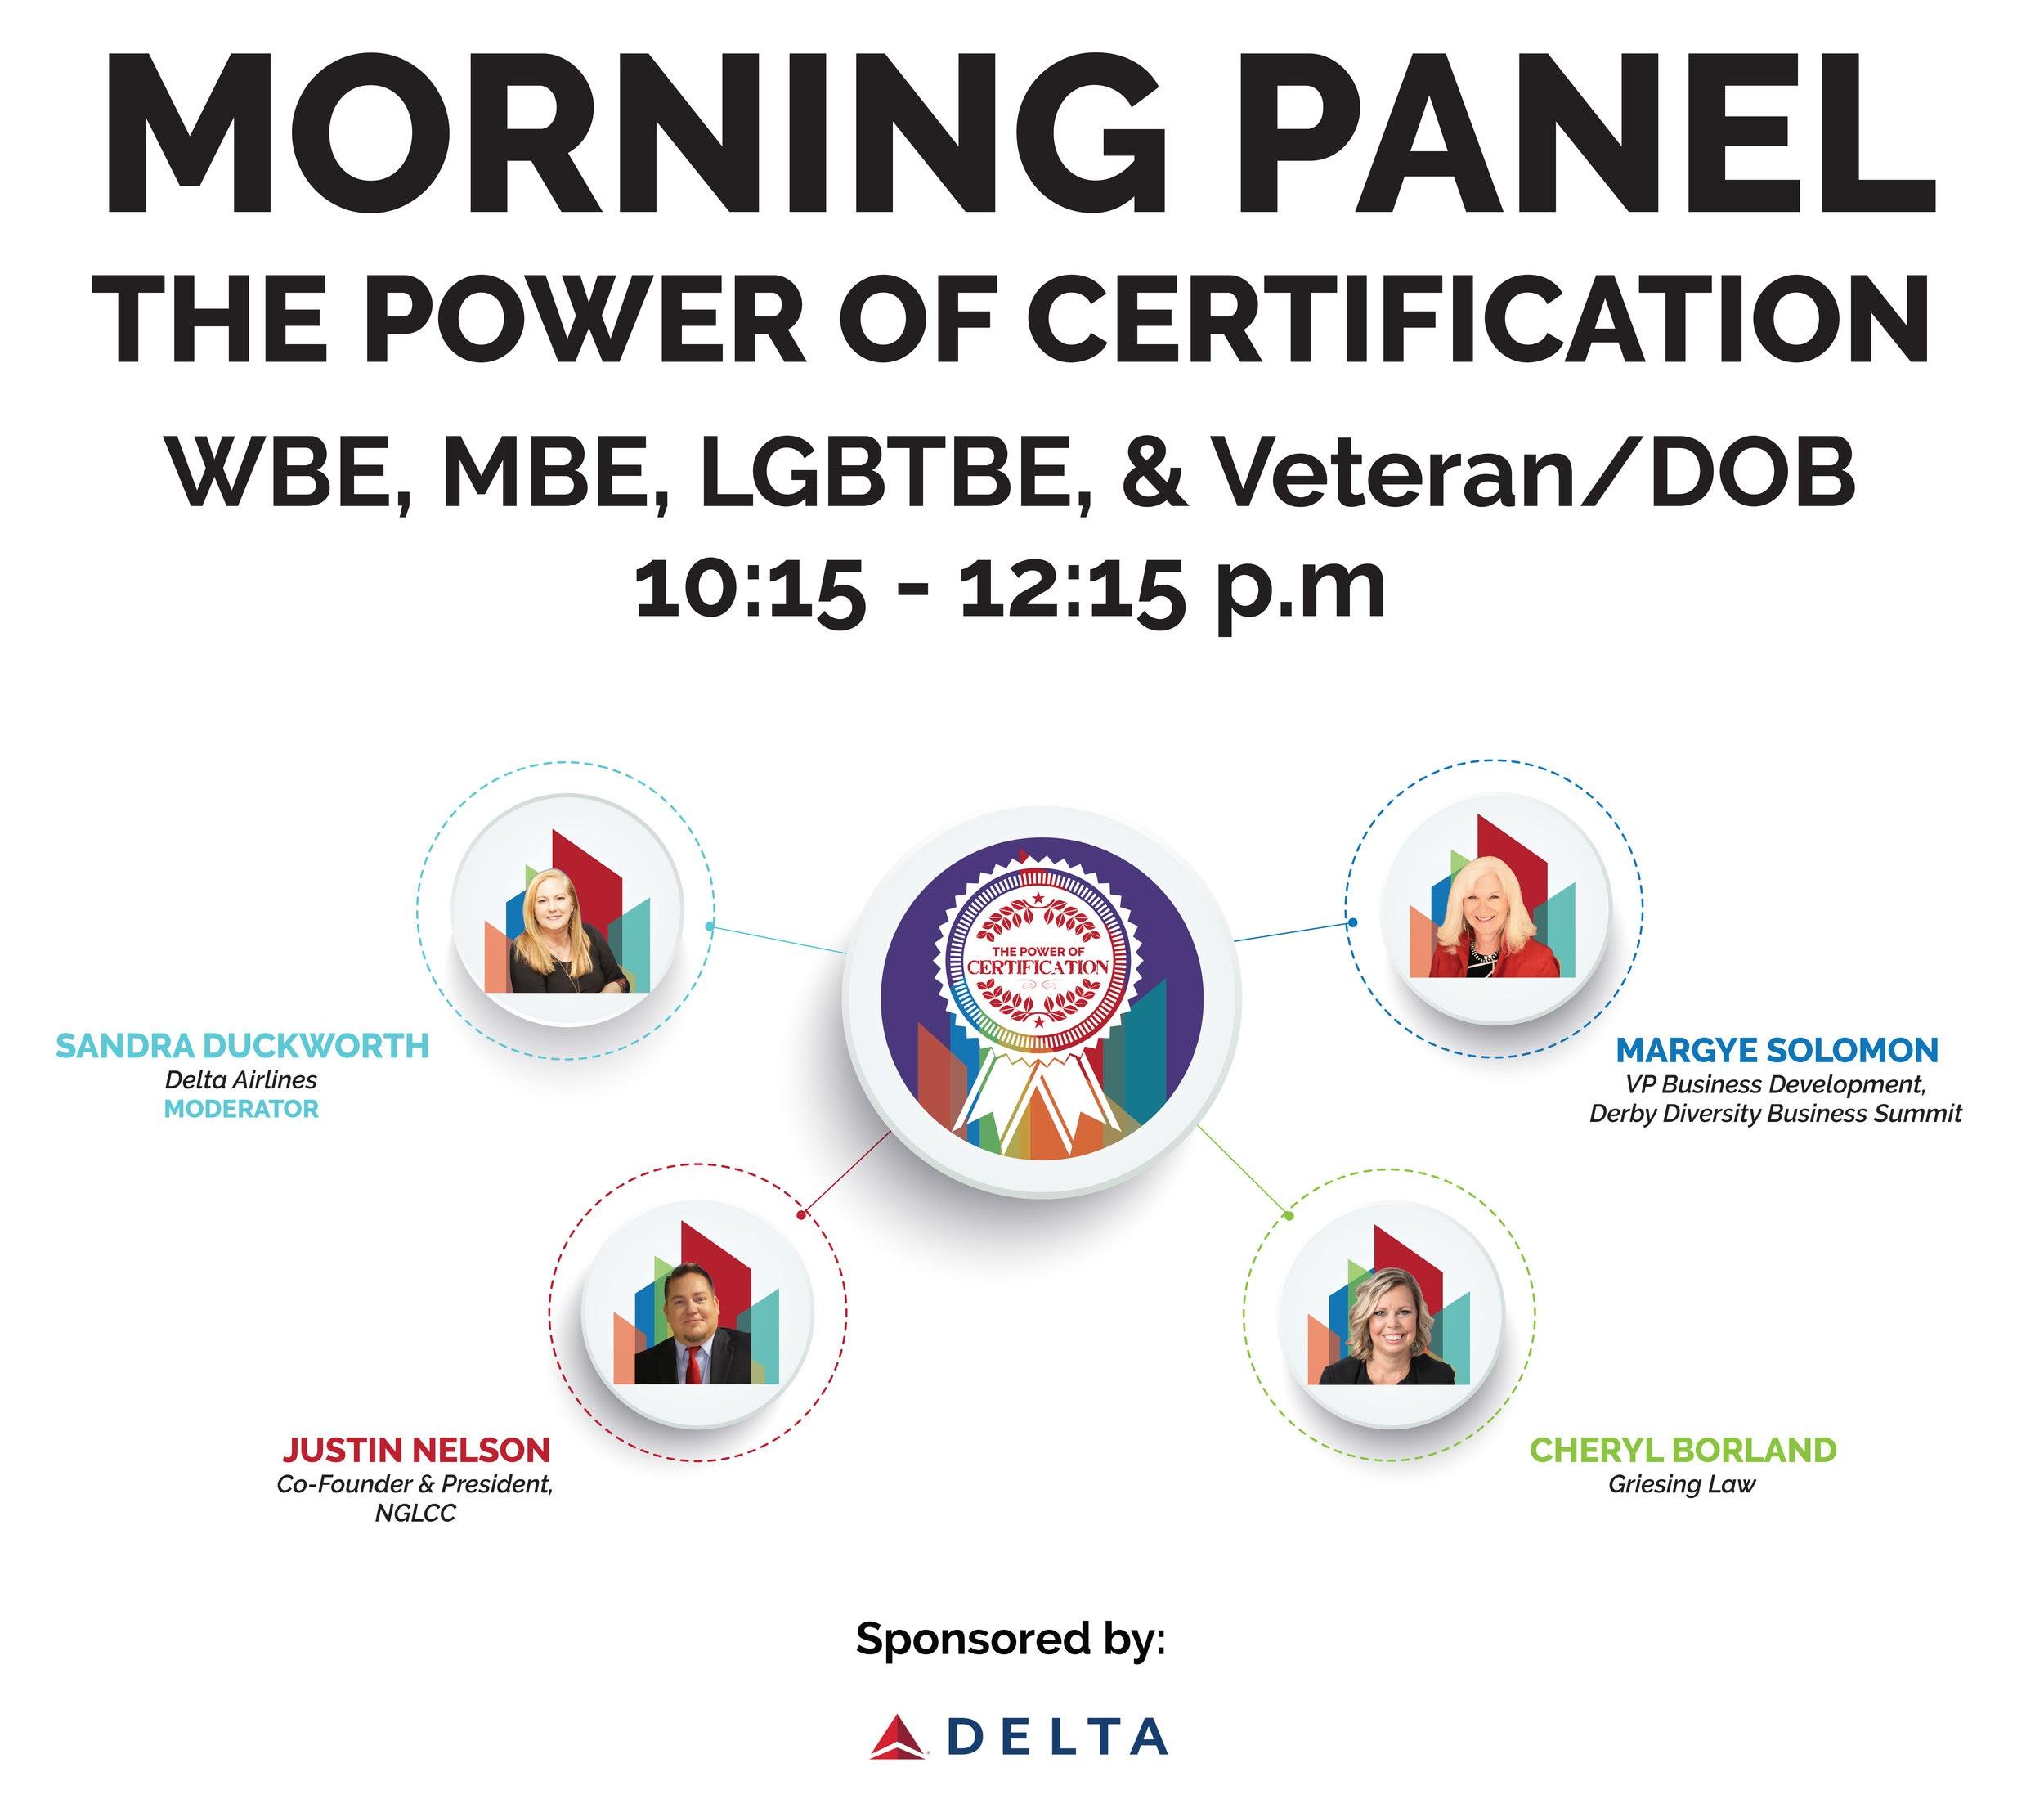 Morning+Panel+1+-+The+Power+of+Certification.jpg